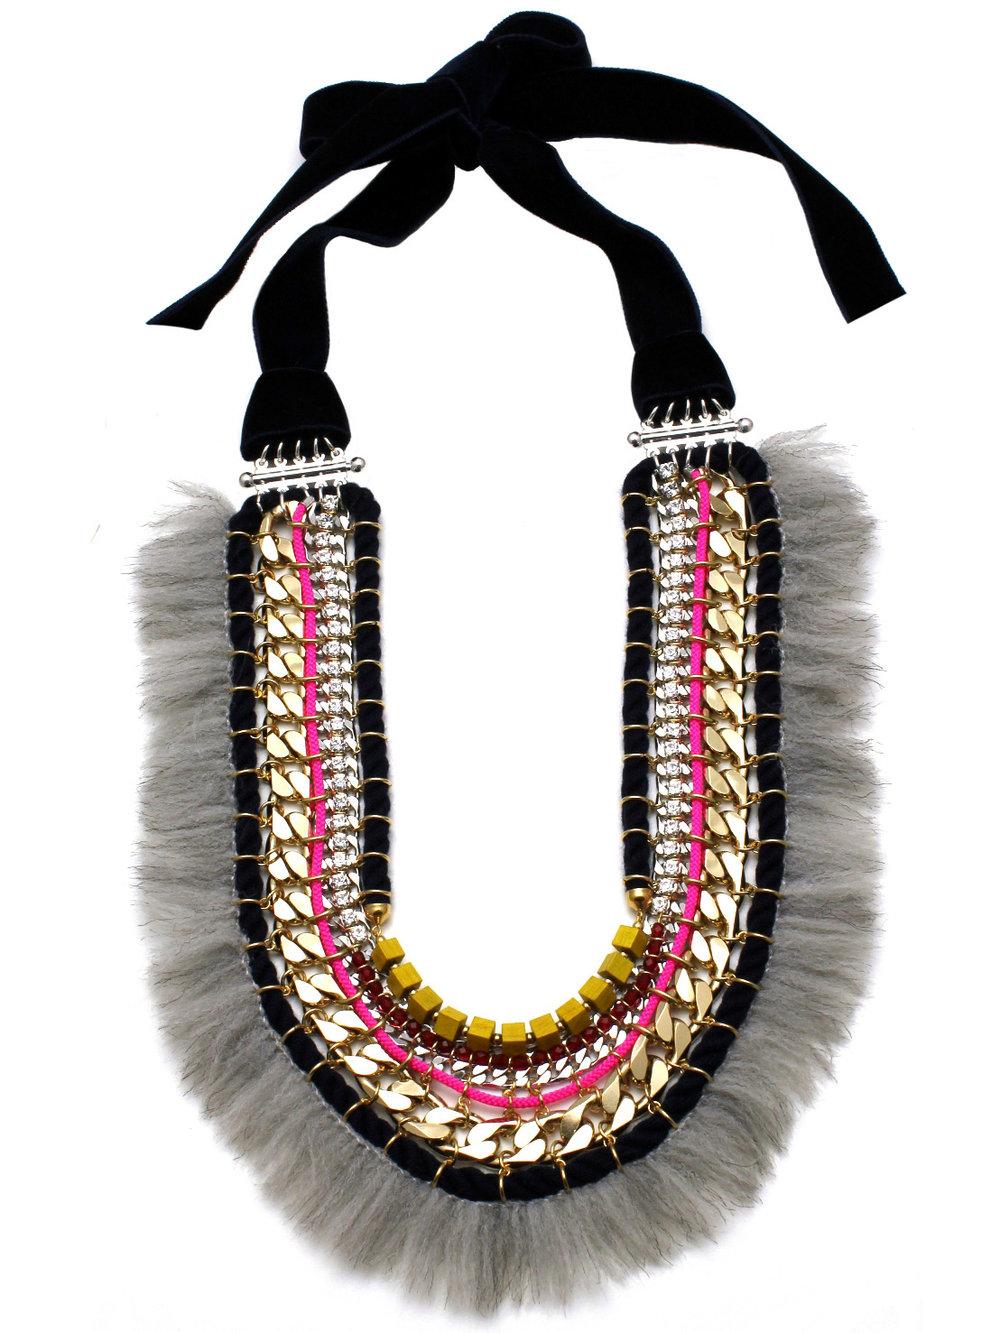 042 - Fur Fringe Necklace.jpg